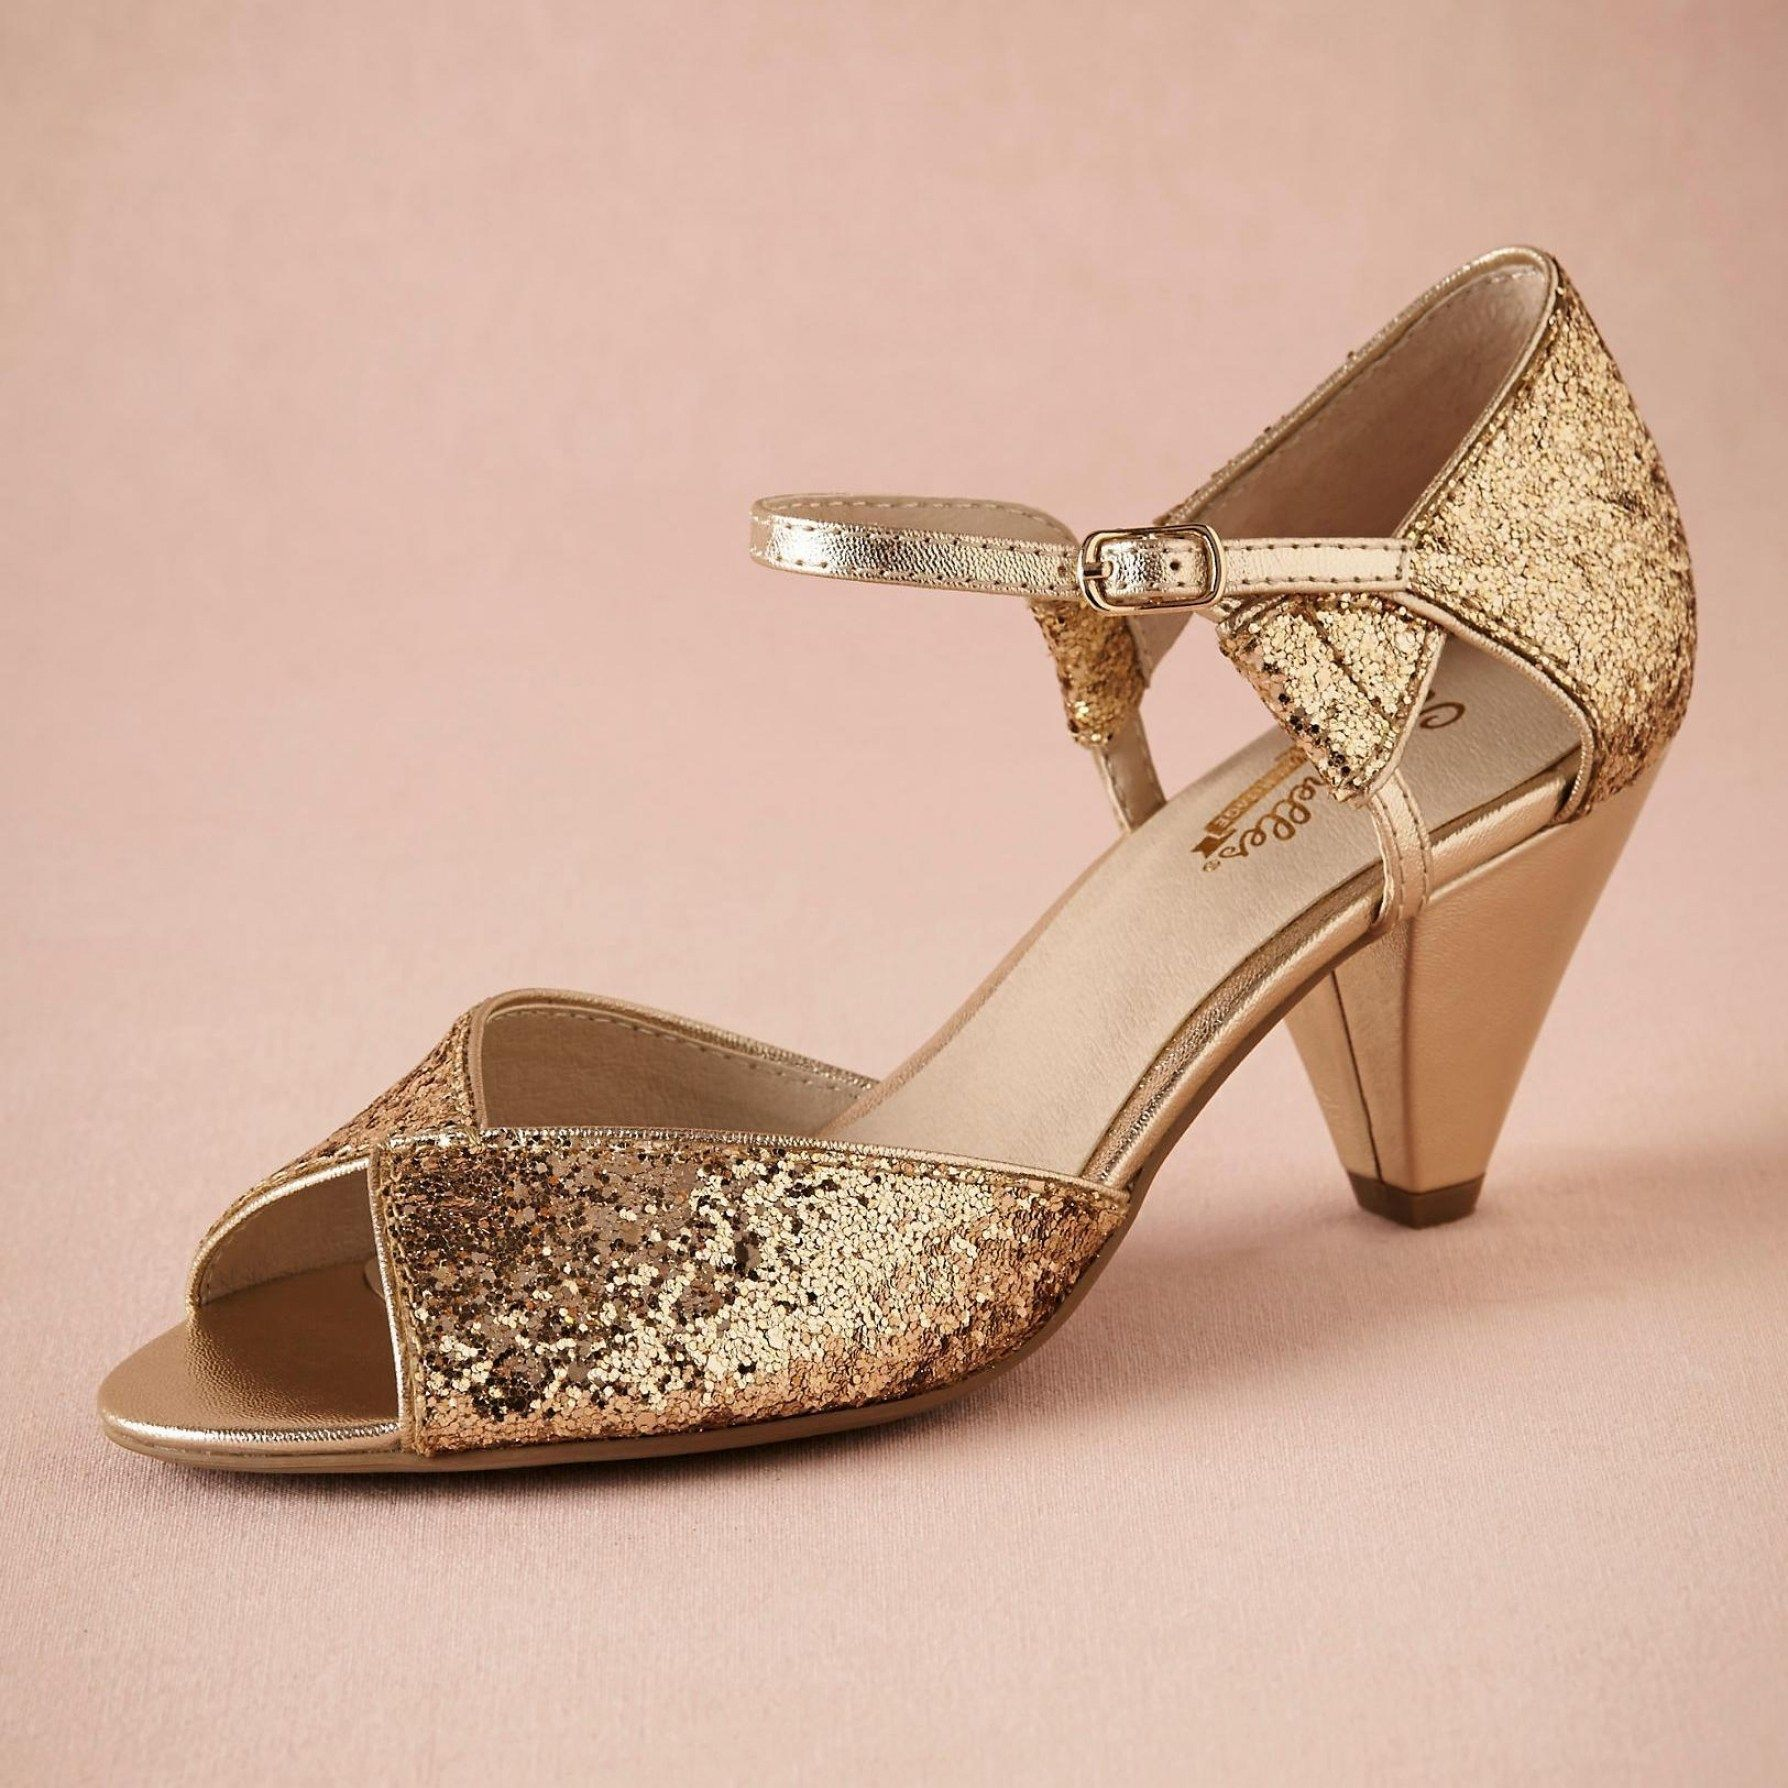 30 Beautiful Silver Kitten Heel Shoes Wedding | Kitten heels ...